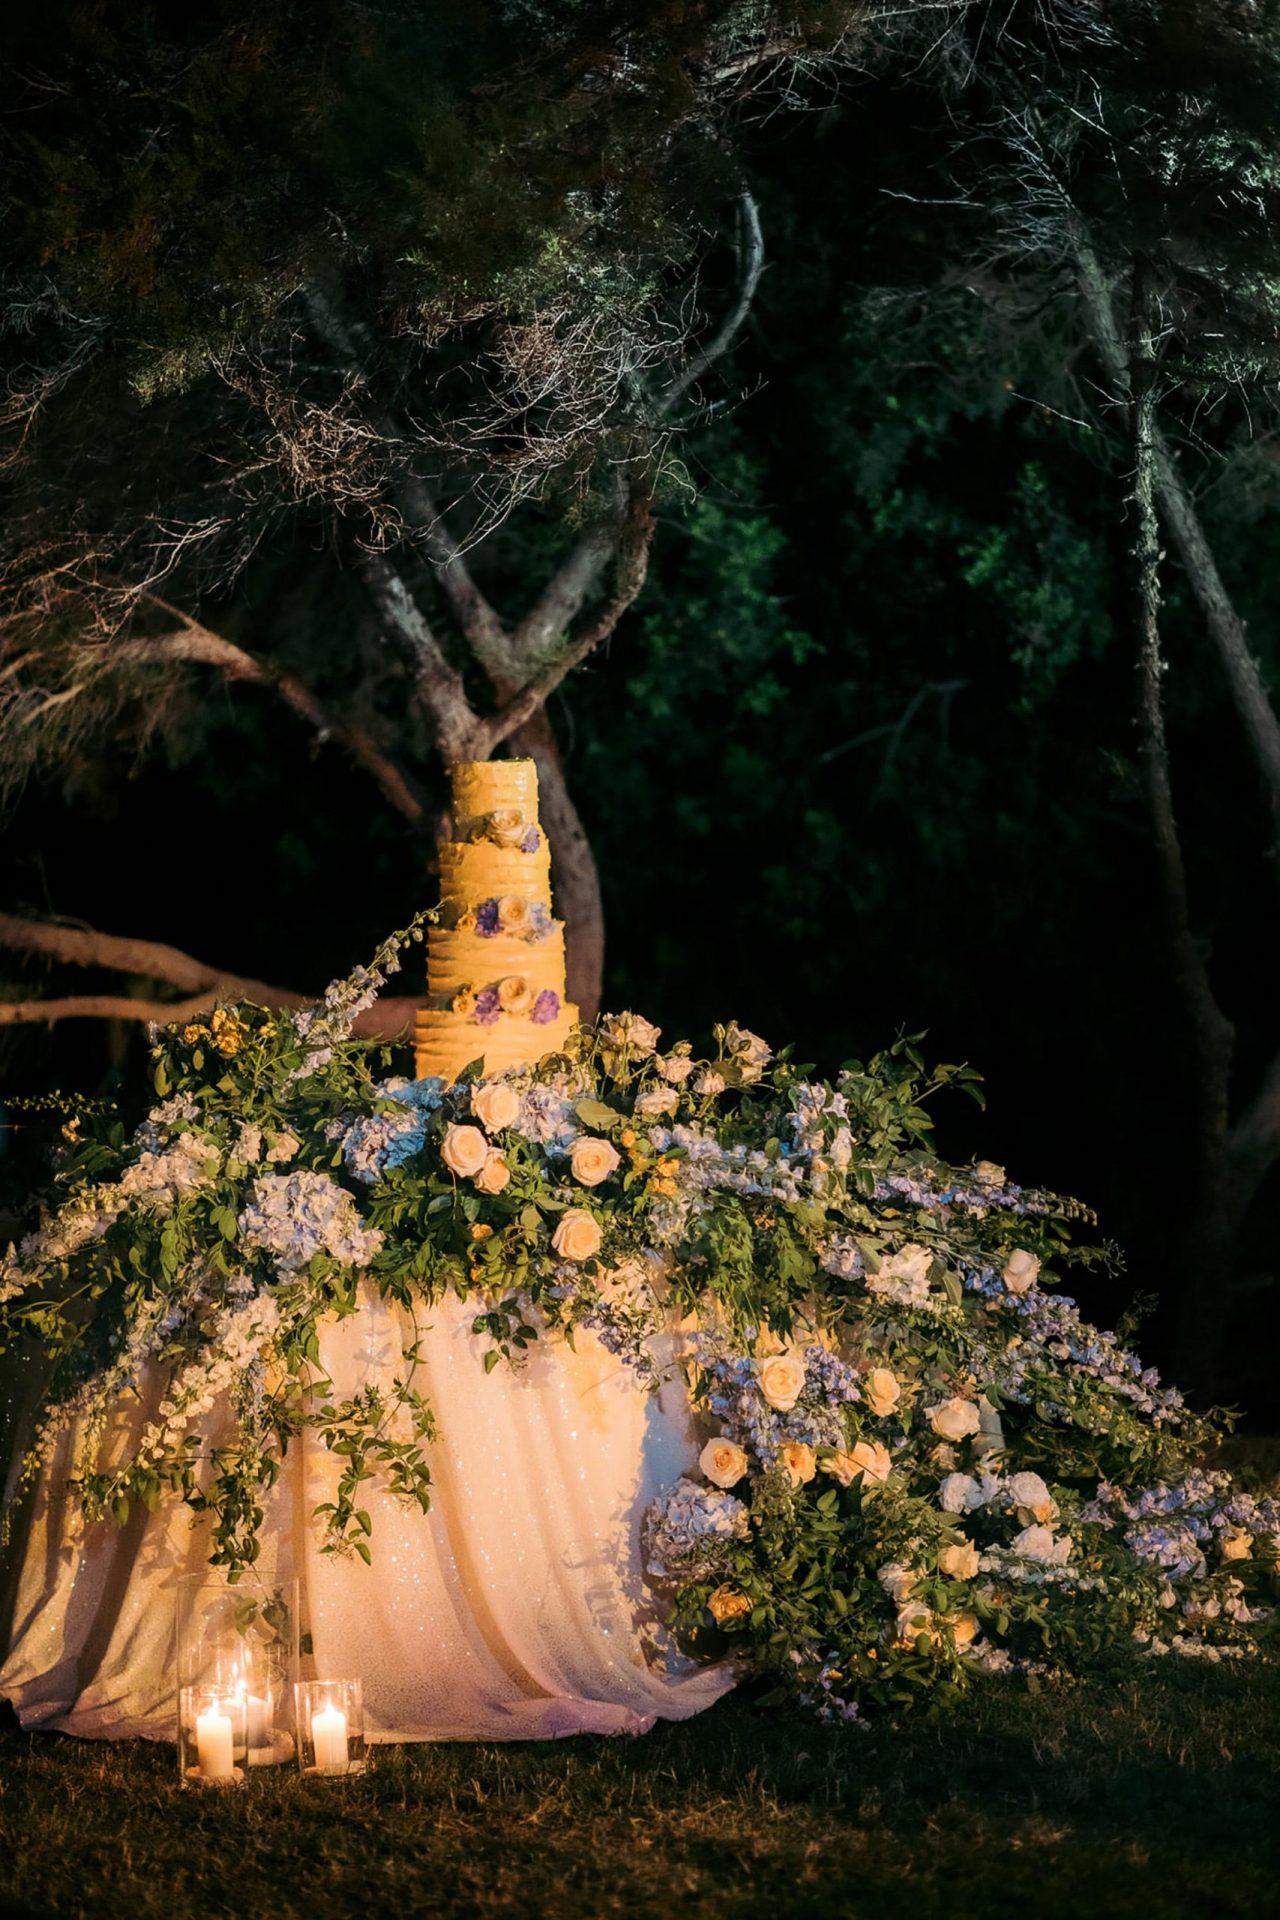 Linda and Enrico, the wedding cake table